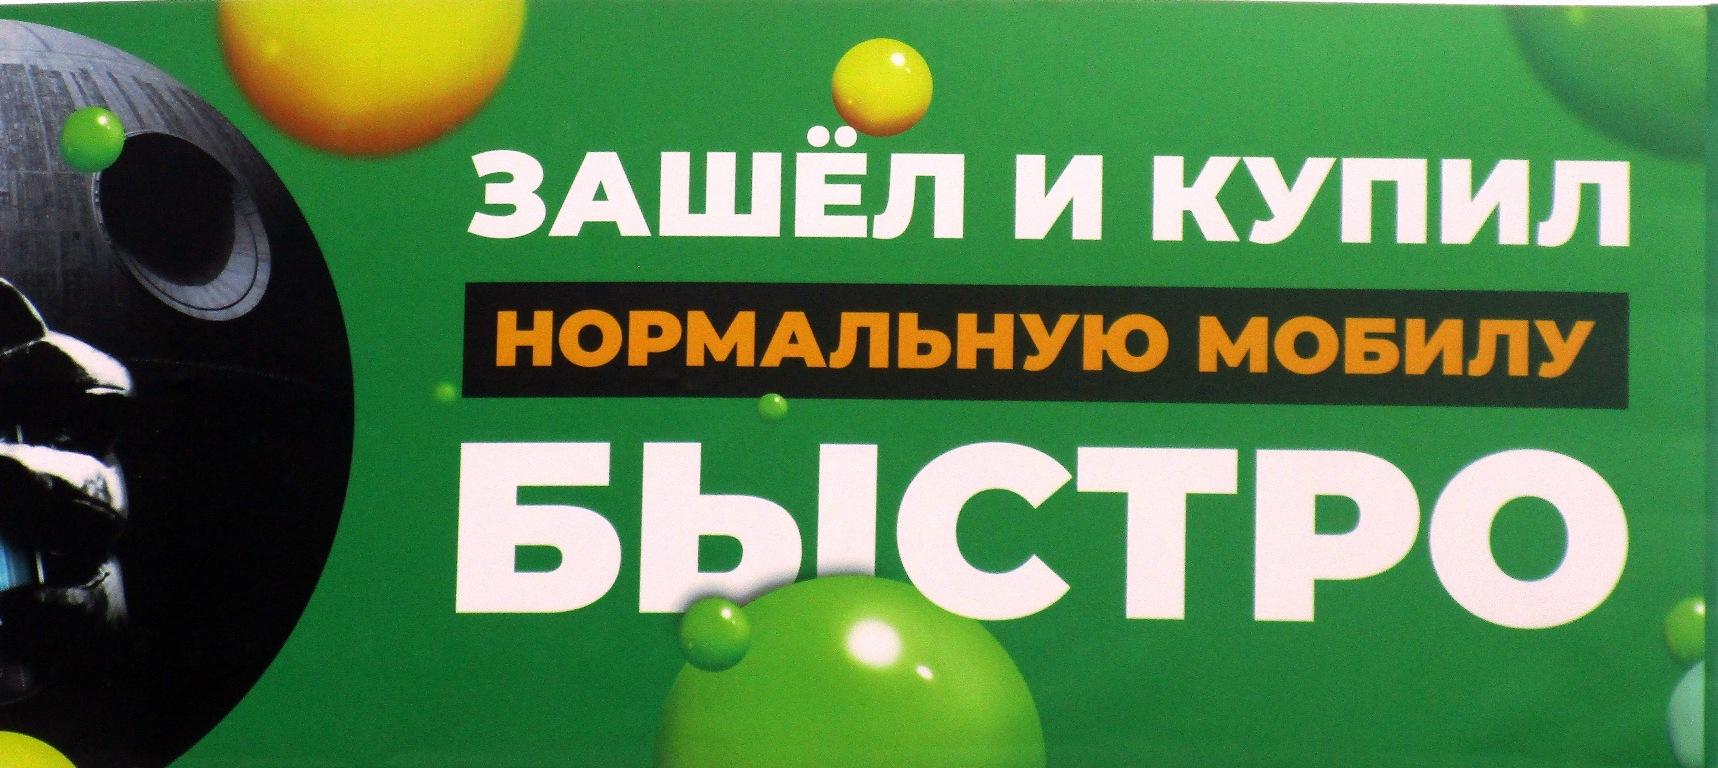 улица Одария, объява